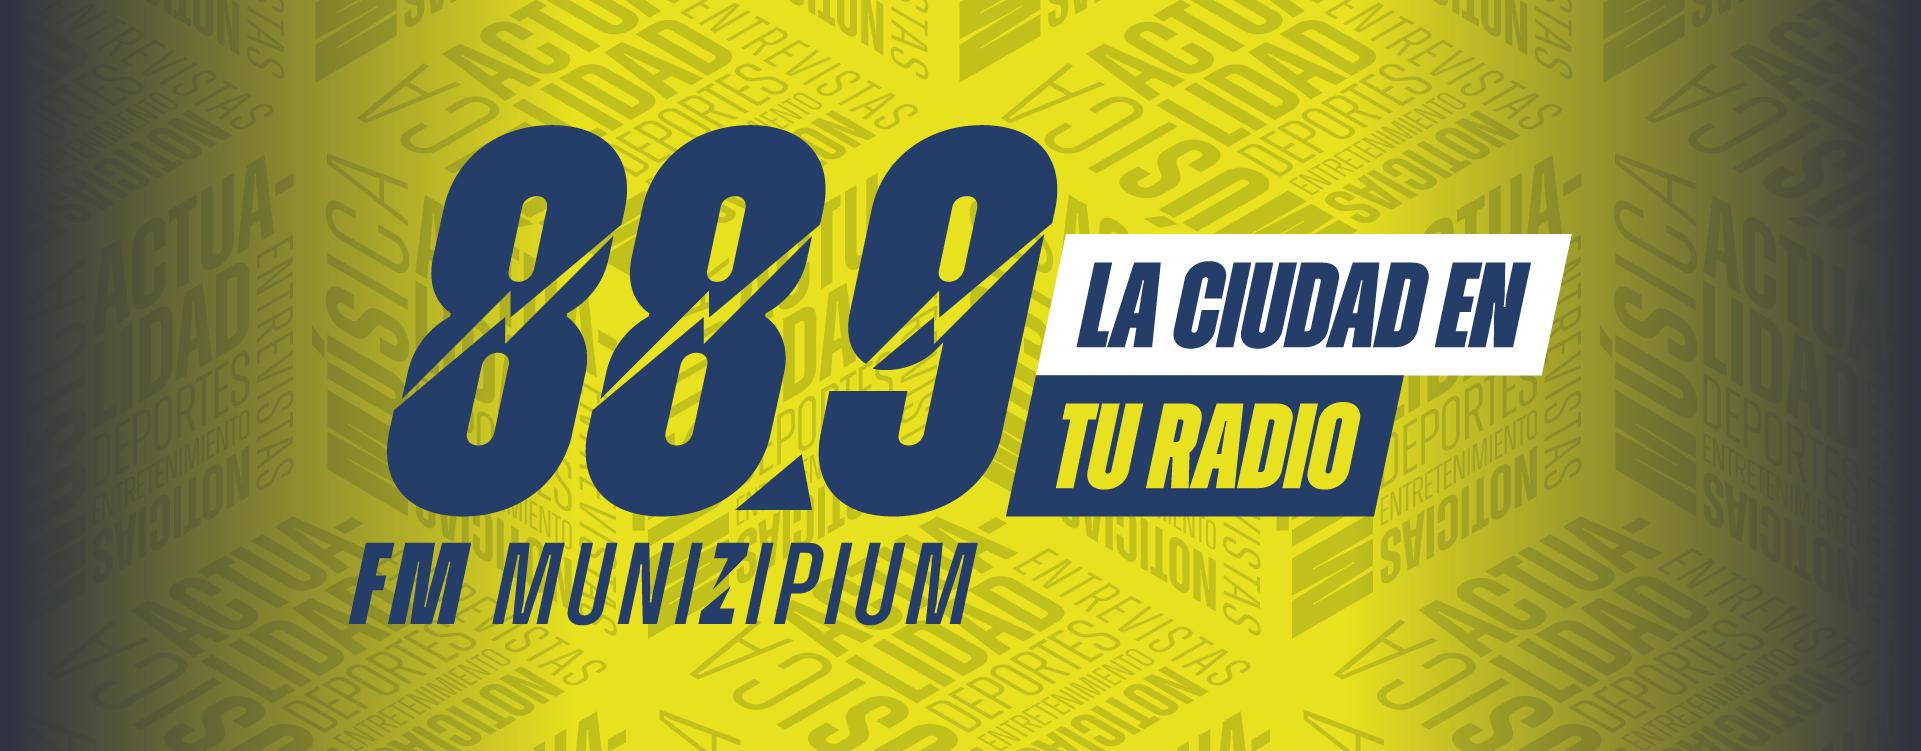 Munizipium FM88.9